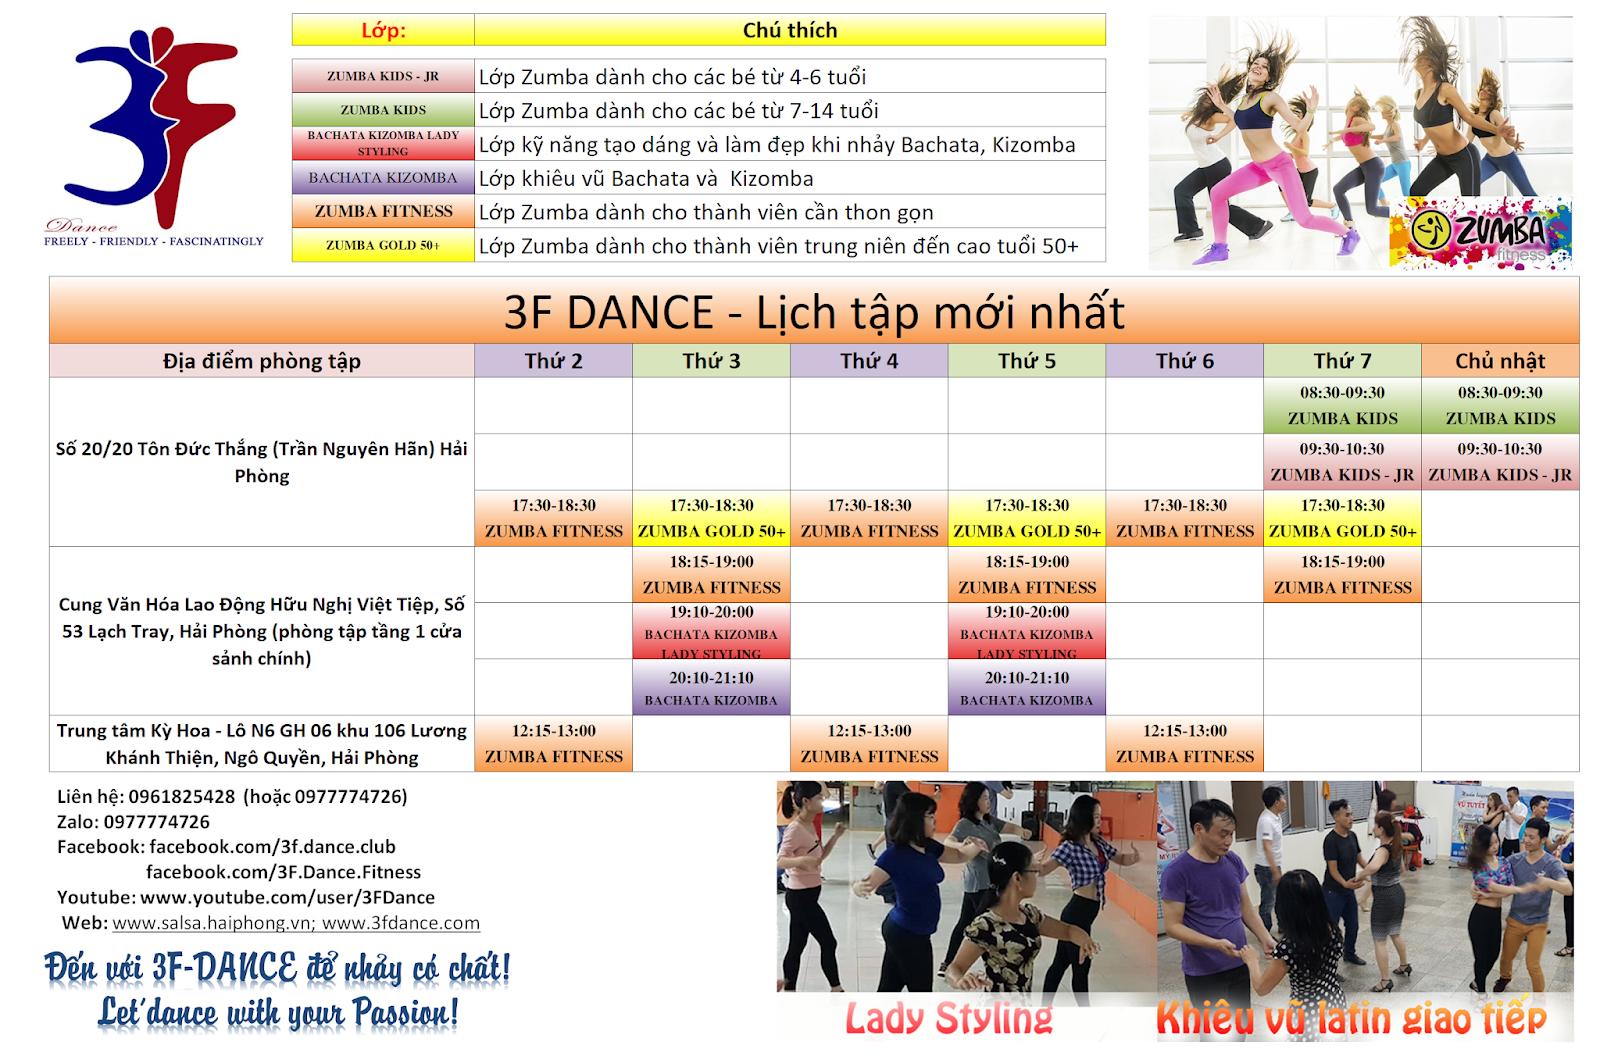 3F DANCE Hai Phong lich tap Zumba - Salsa - Bachata- Kizomba - Zouk moi nhat